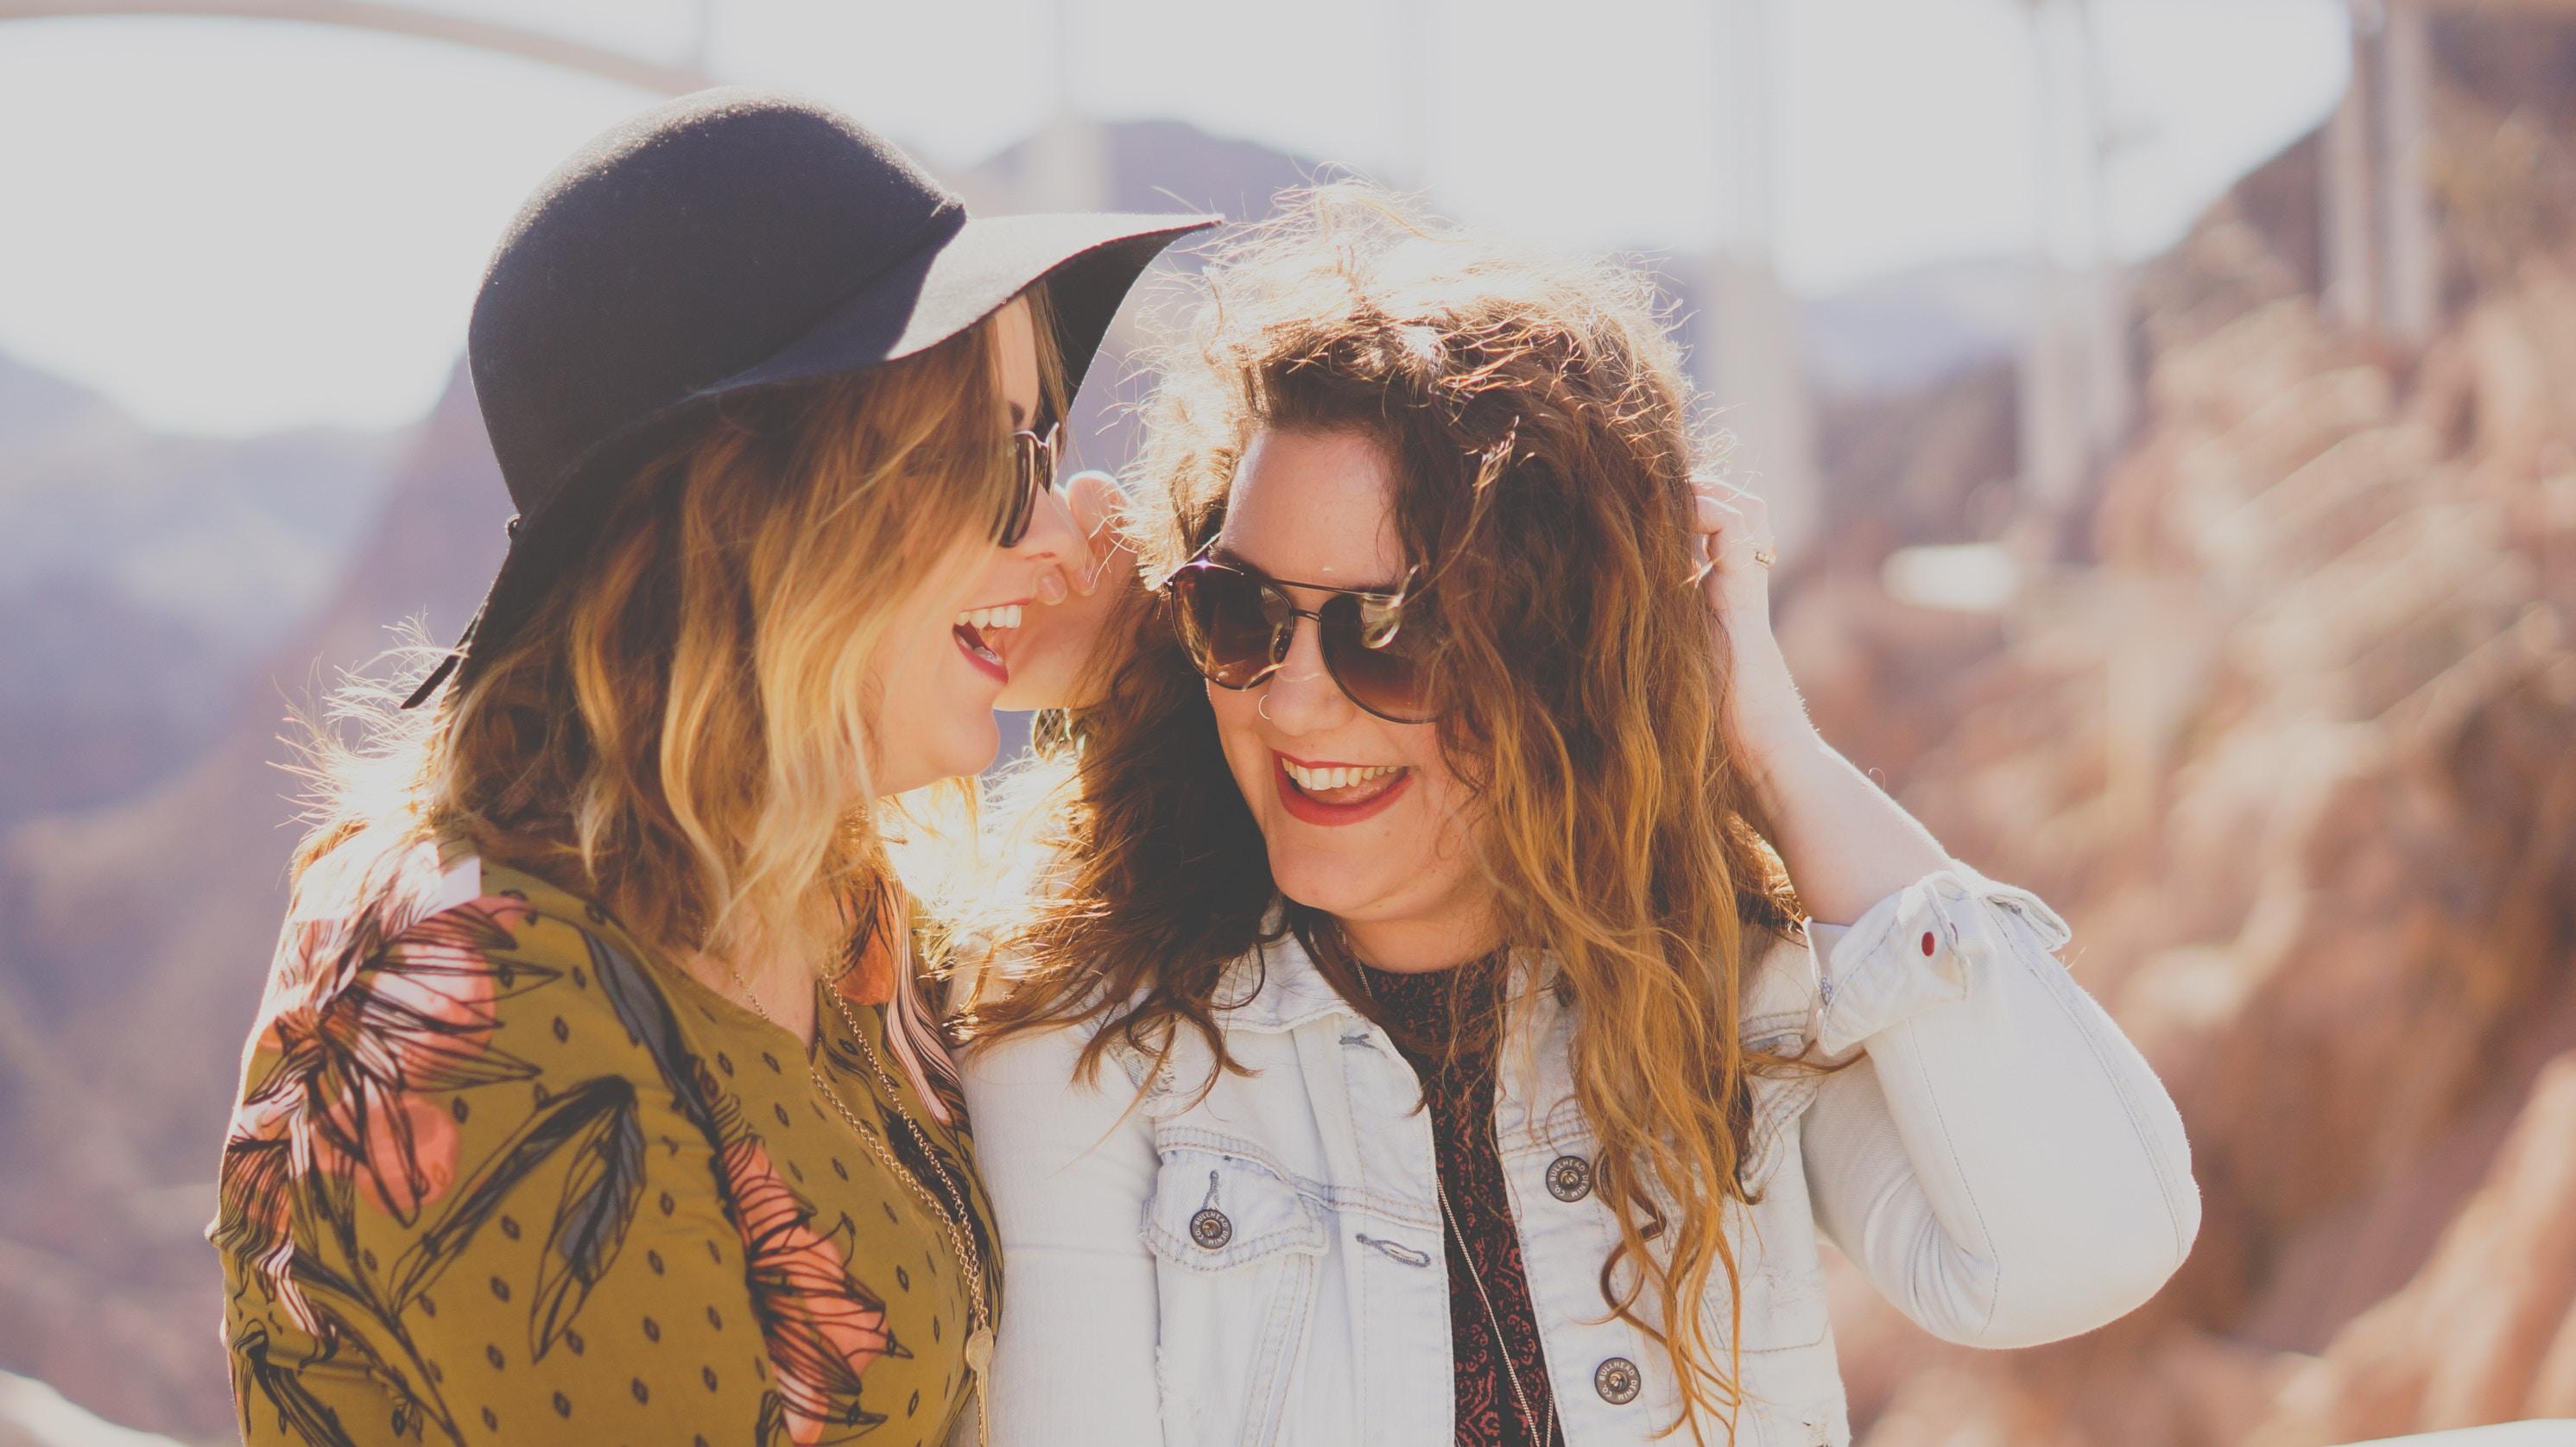 kvindeproblemer, veninder, introvert, venskab, fantastisk, person, type, personlighed